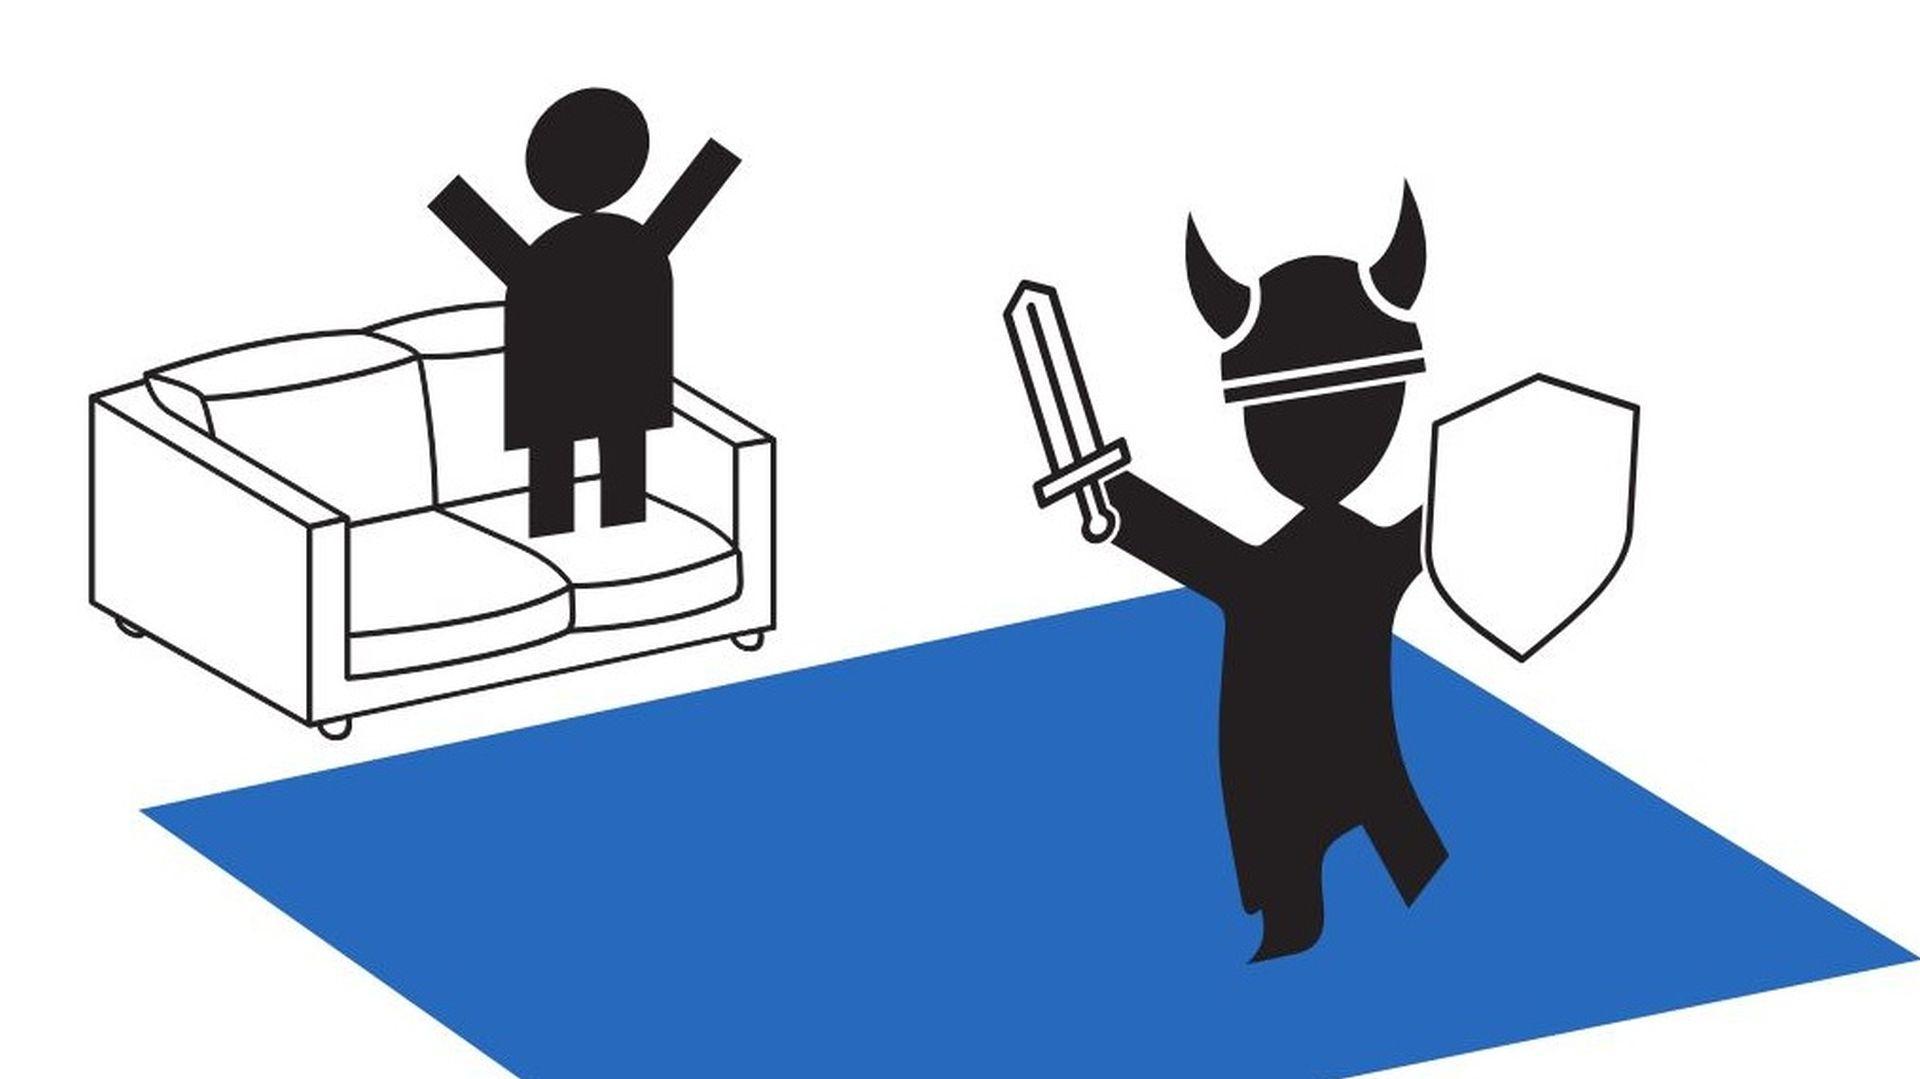 Una ilustración de dos stickmen jugando VR.  Uno está en un sofá, mirando al otro pretender ser un vikingo